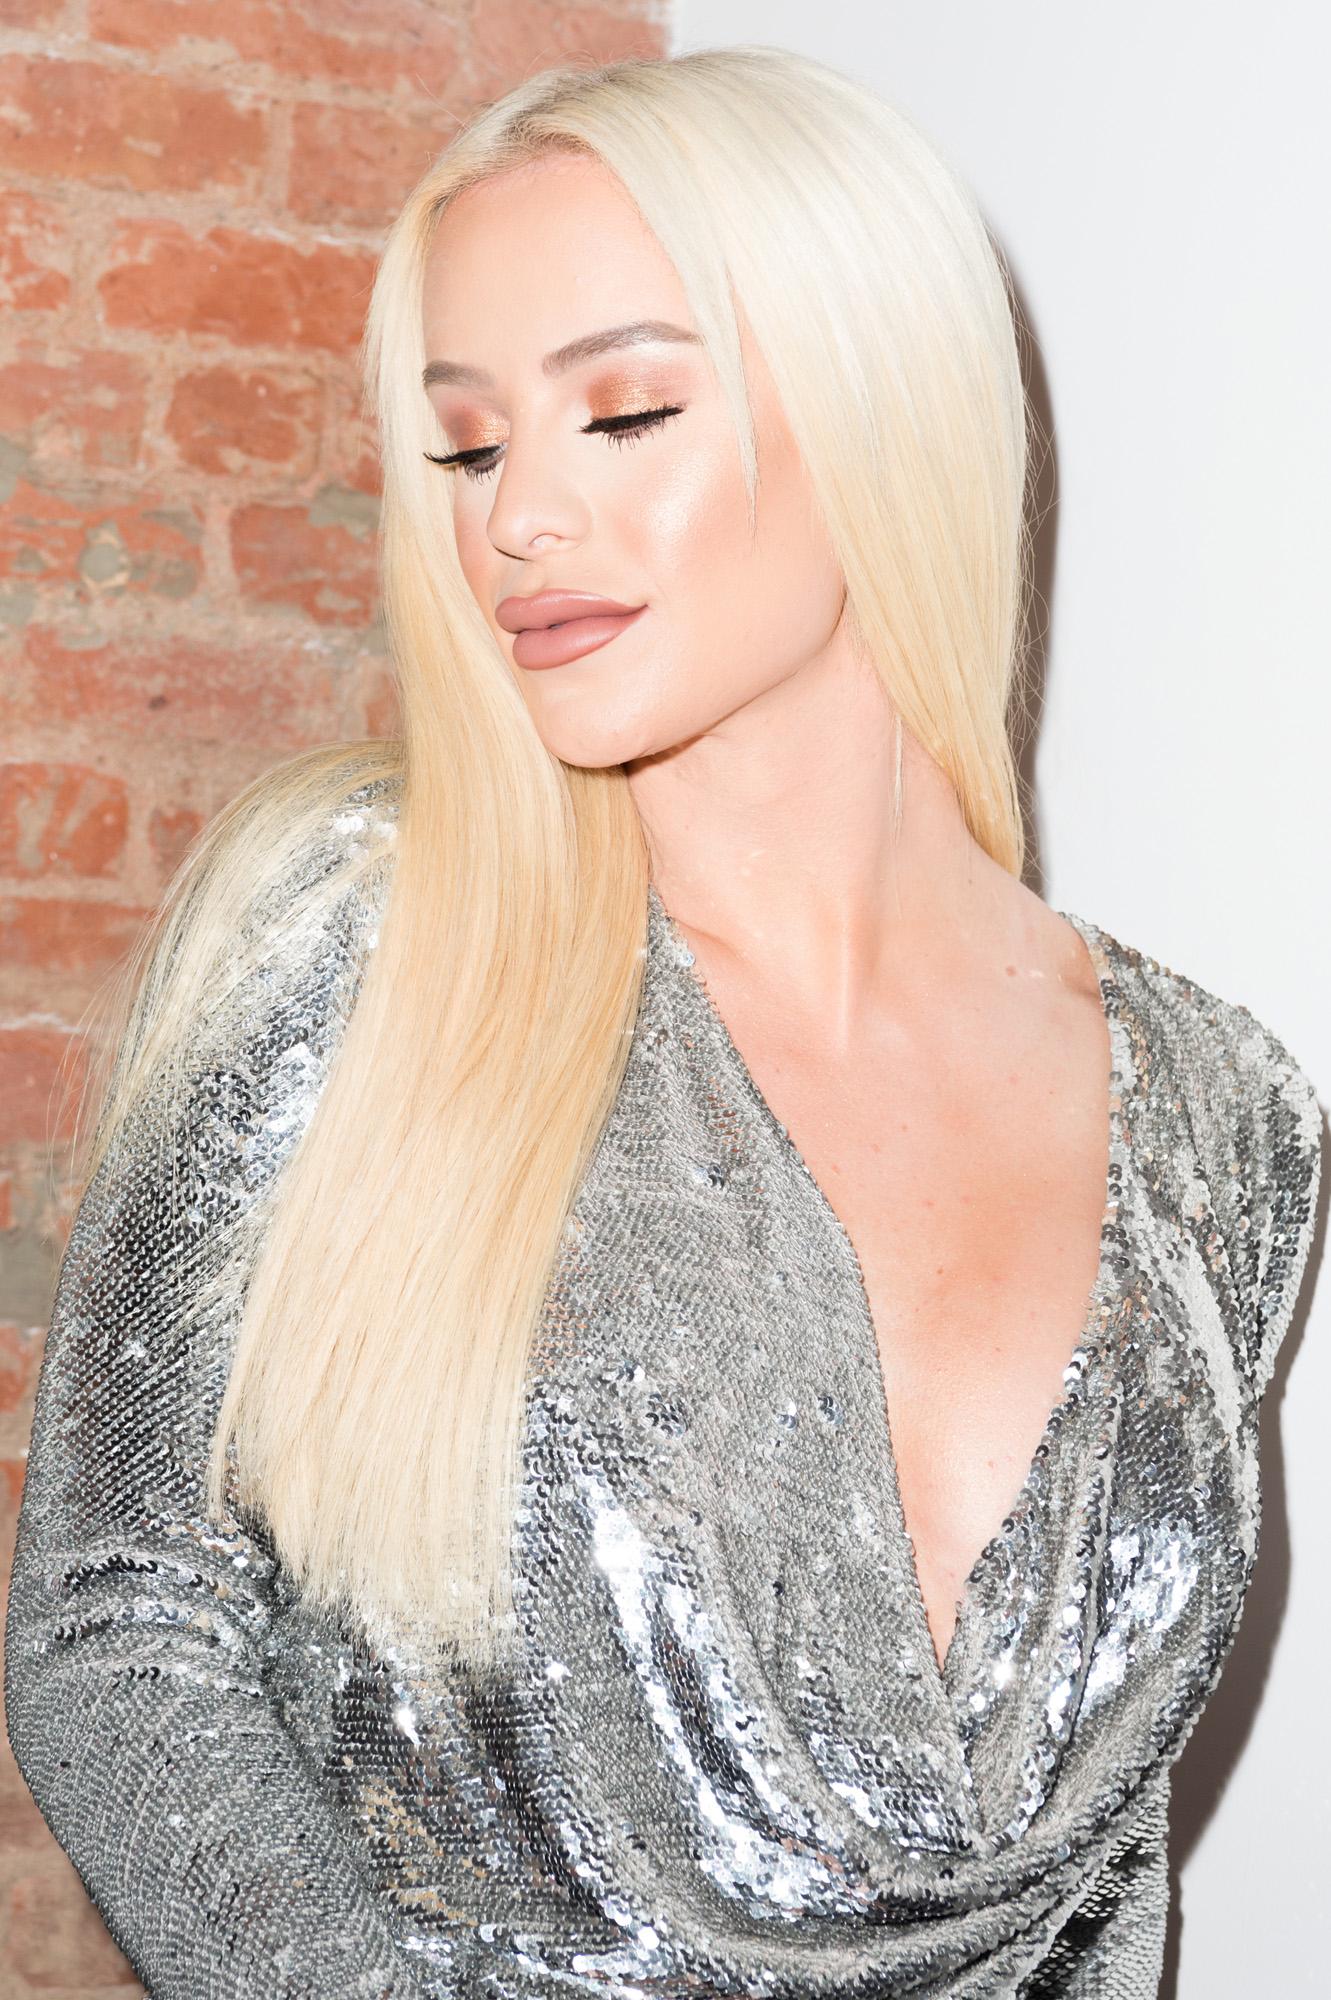 Gigi Gorgeous - Gigi Gorgeous Photos - BeautyCon LA Talent